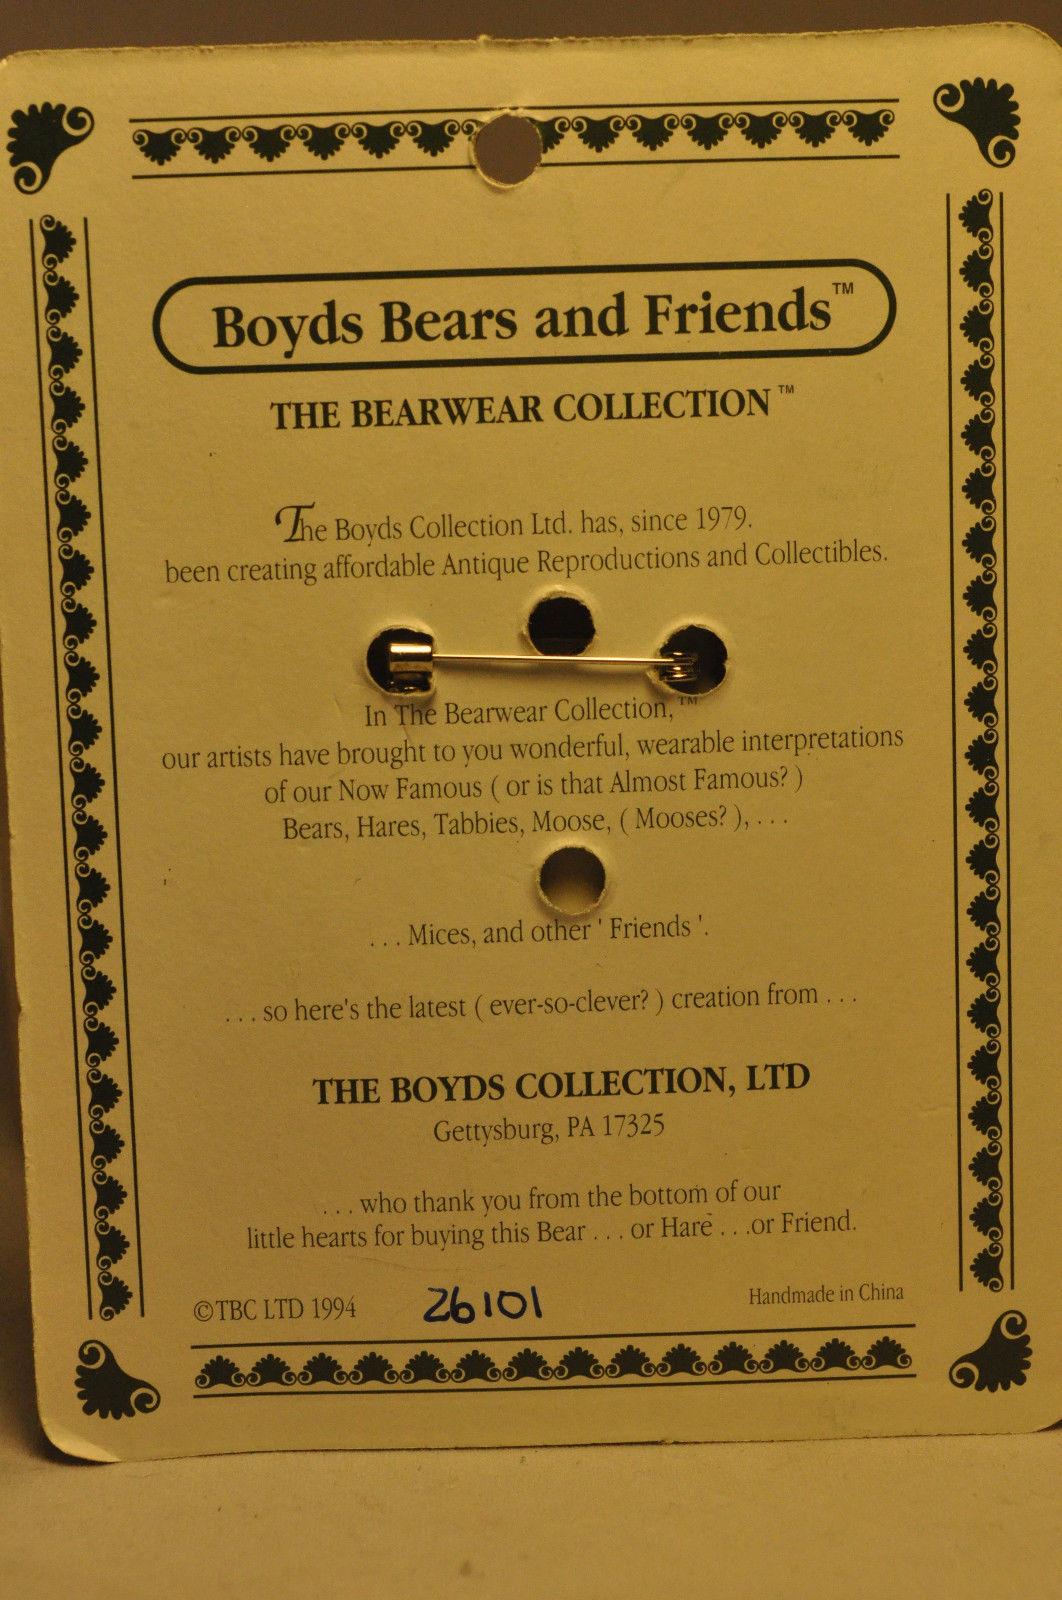 Boyds Bears & Friends: BEARWEAR - Santabear - Brooch Pin 26101 image 3